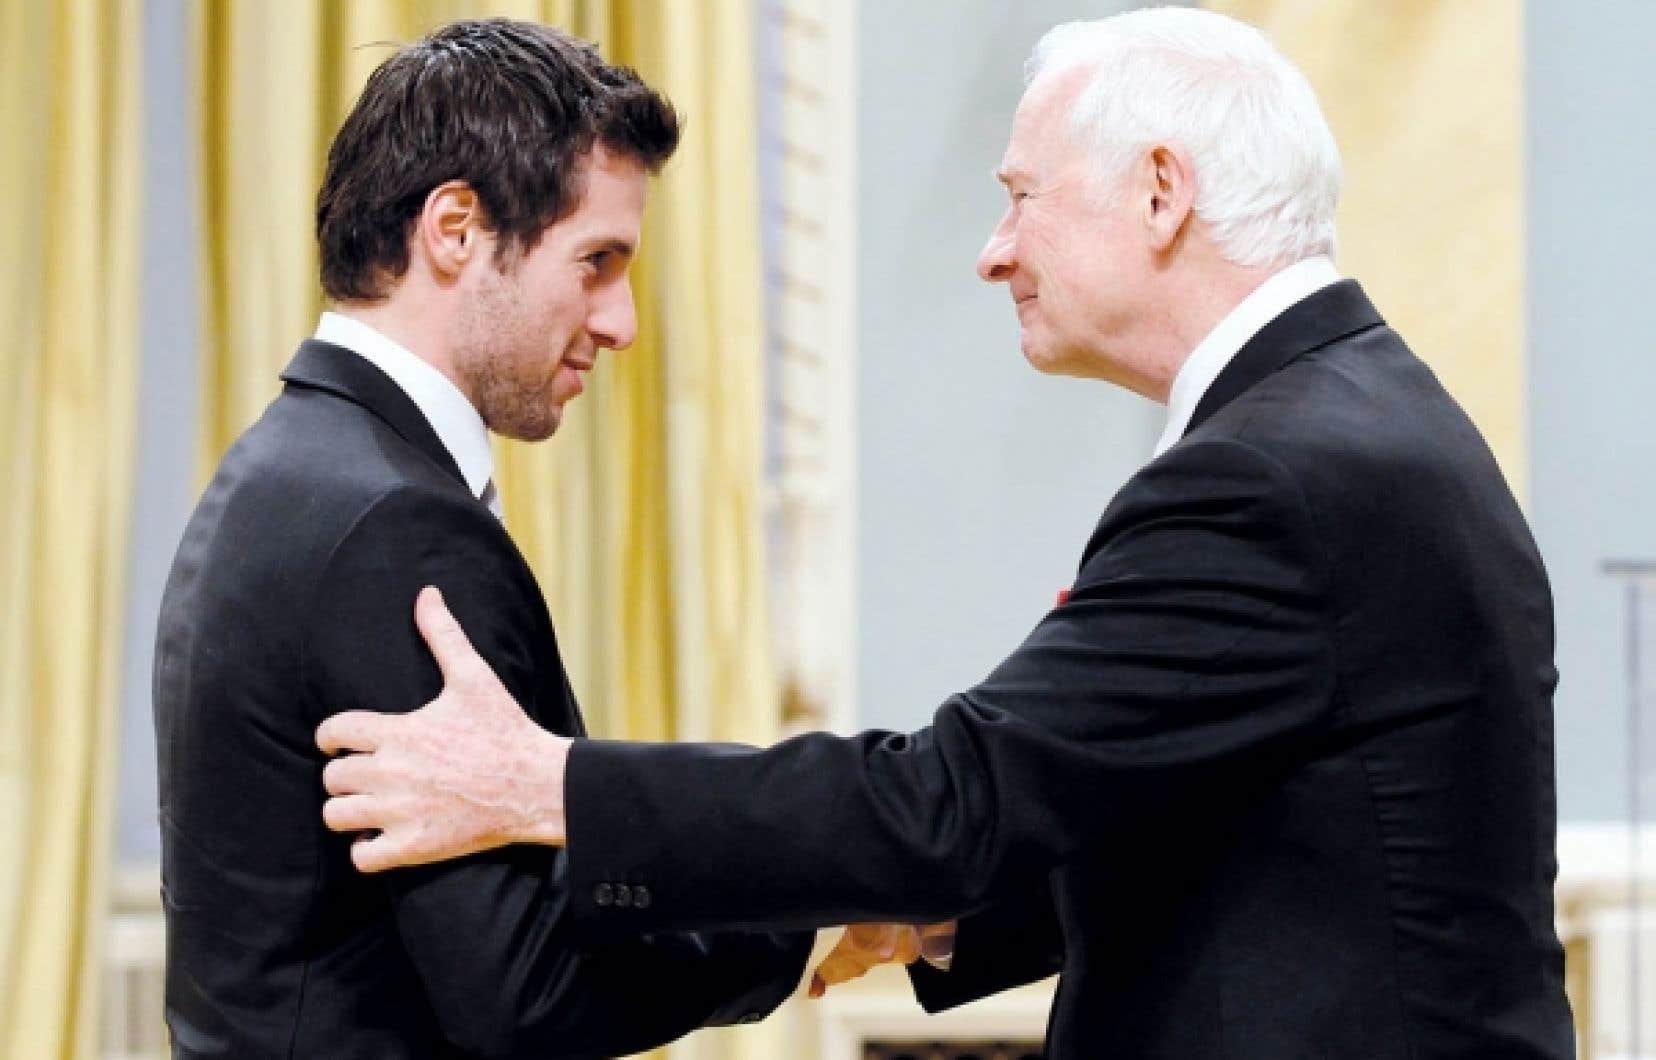 Le champion olympique Alexandre Bilodeau a reçu hier une médaille du jubilé de diamant des mains du gouverneur général, David Johnston.